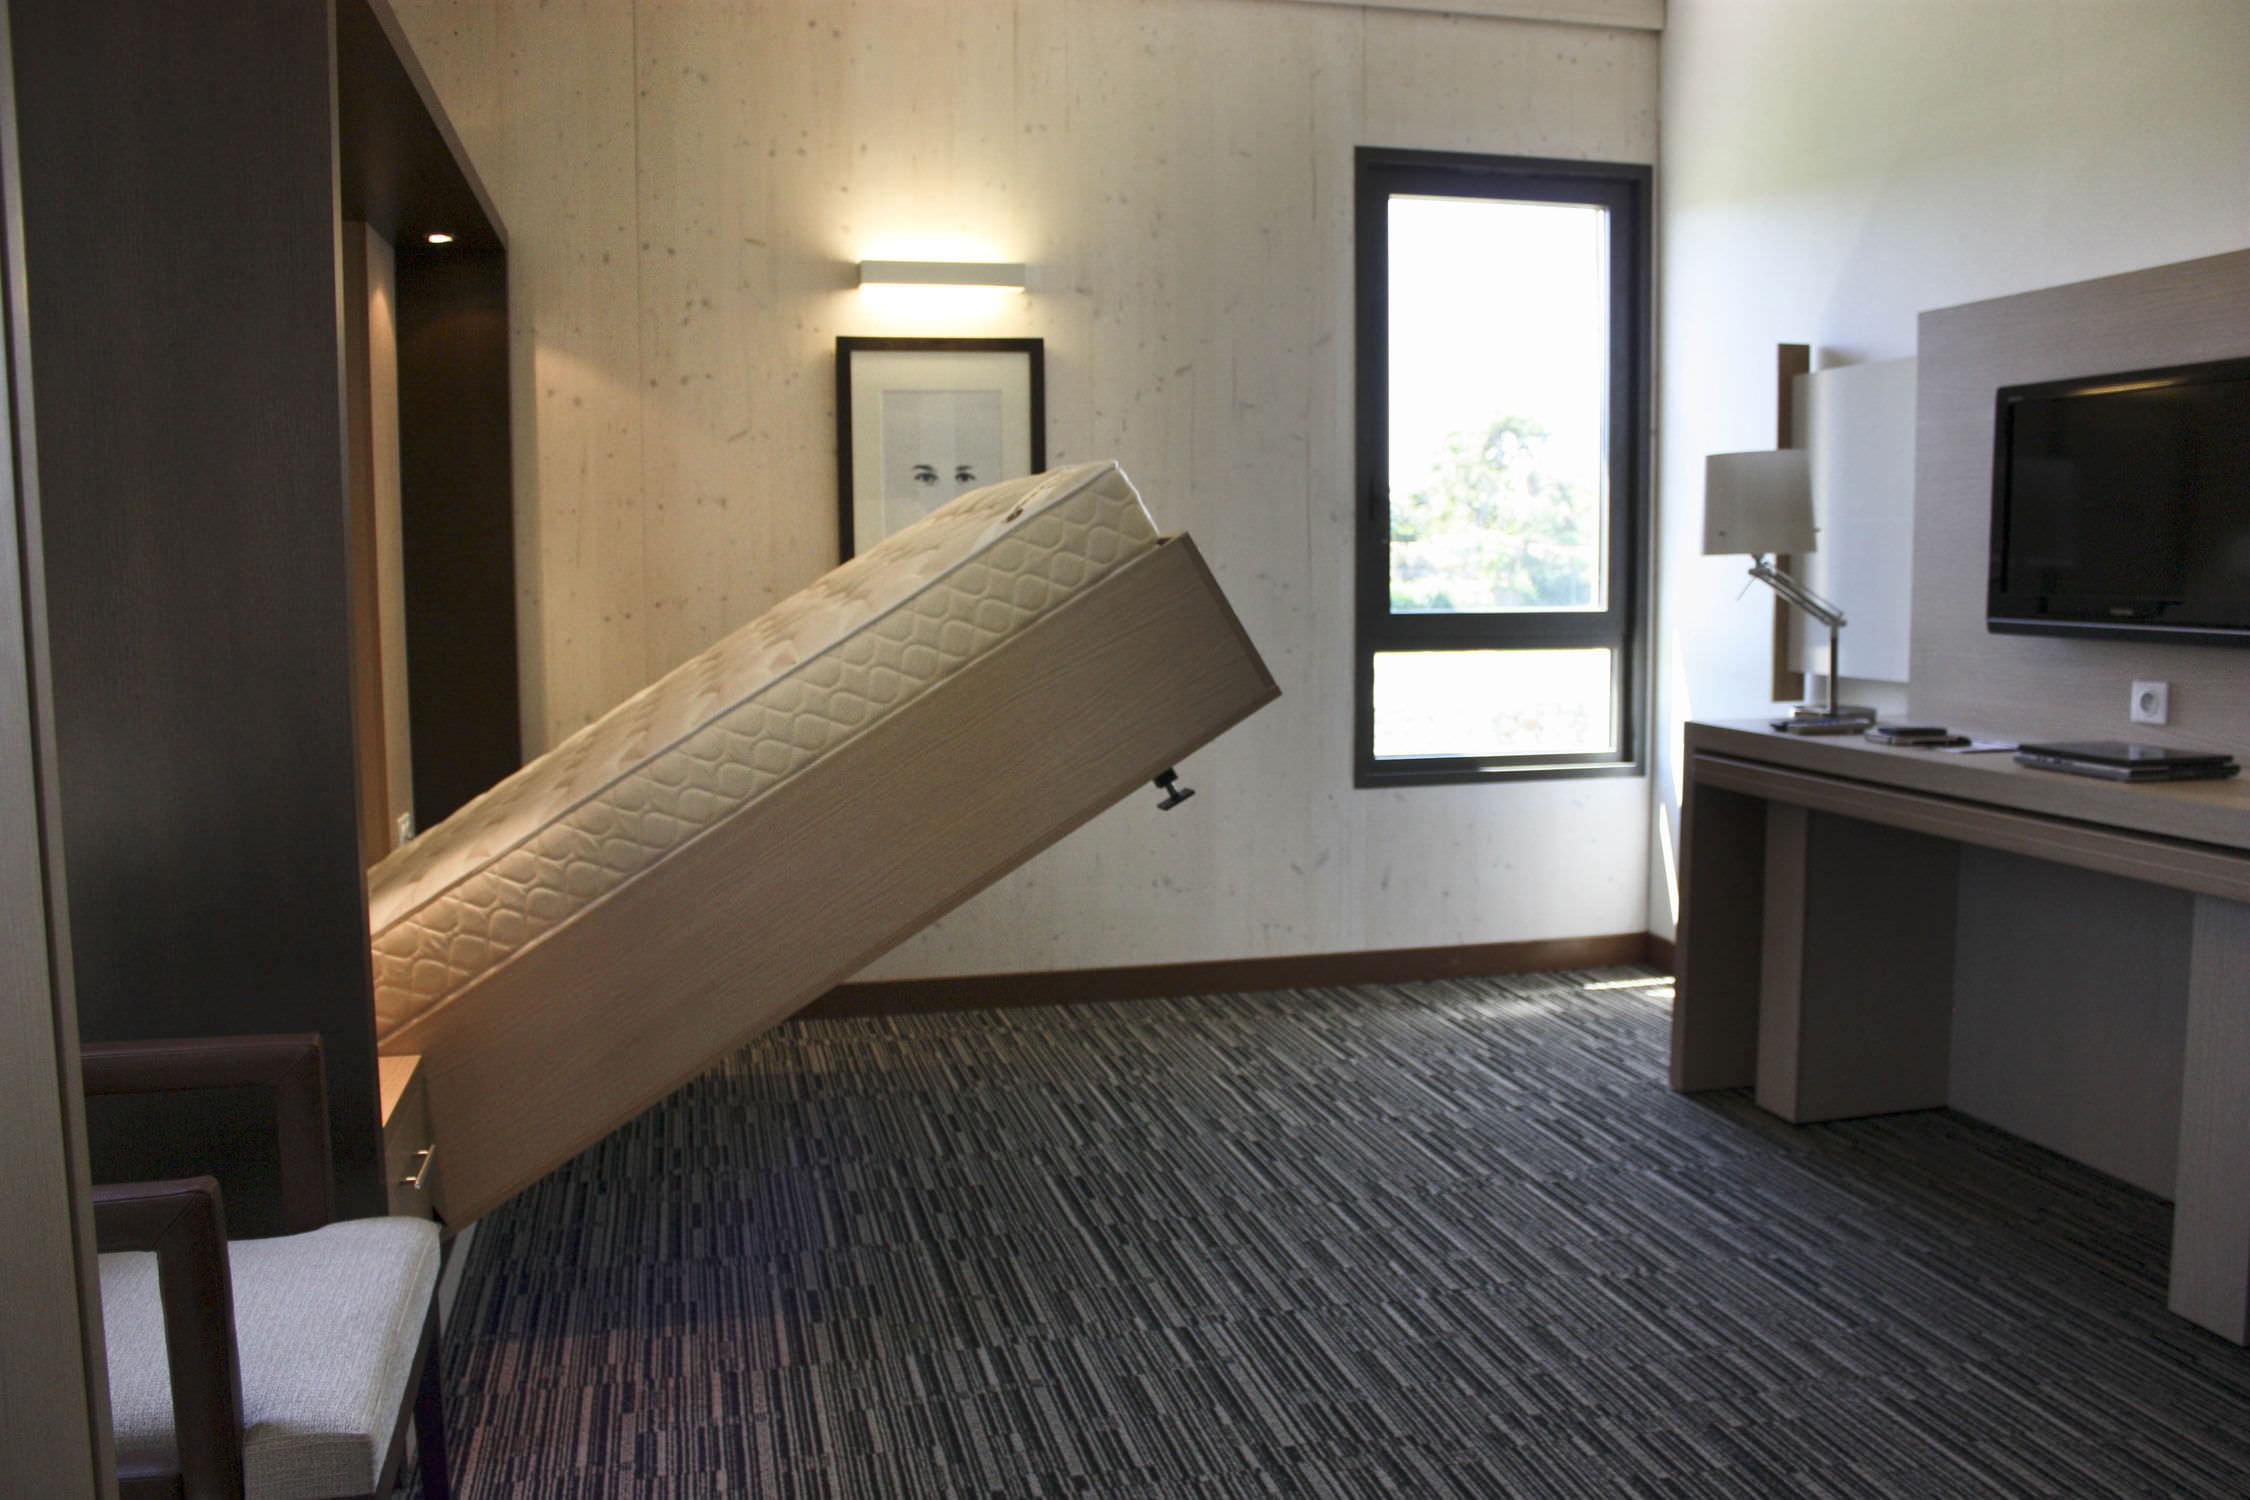 Chambre d\'hôtel contemporaine / modulable - DIMITRI ...